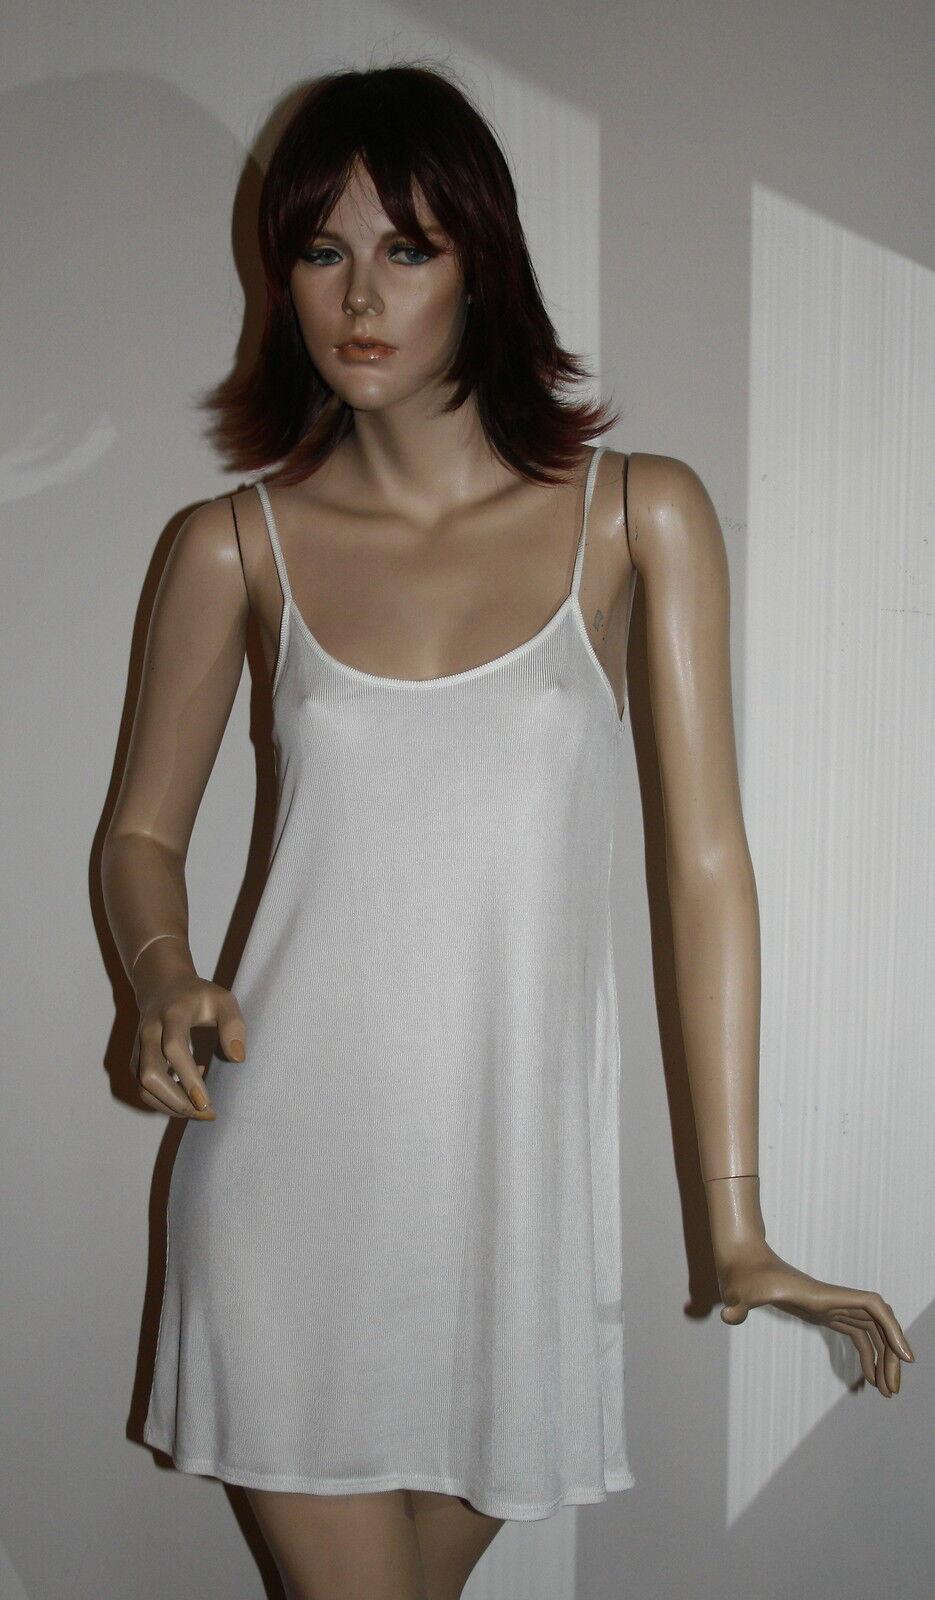 Sottoveste abito notte colore de perla tg 42 ile de colore roches fresca viscosa naturale d1ab70